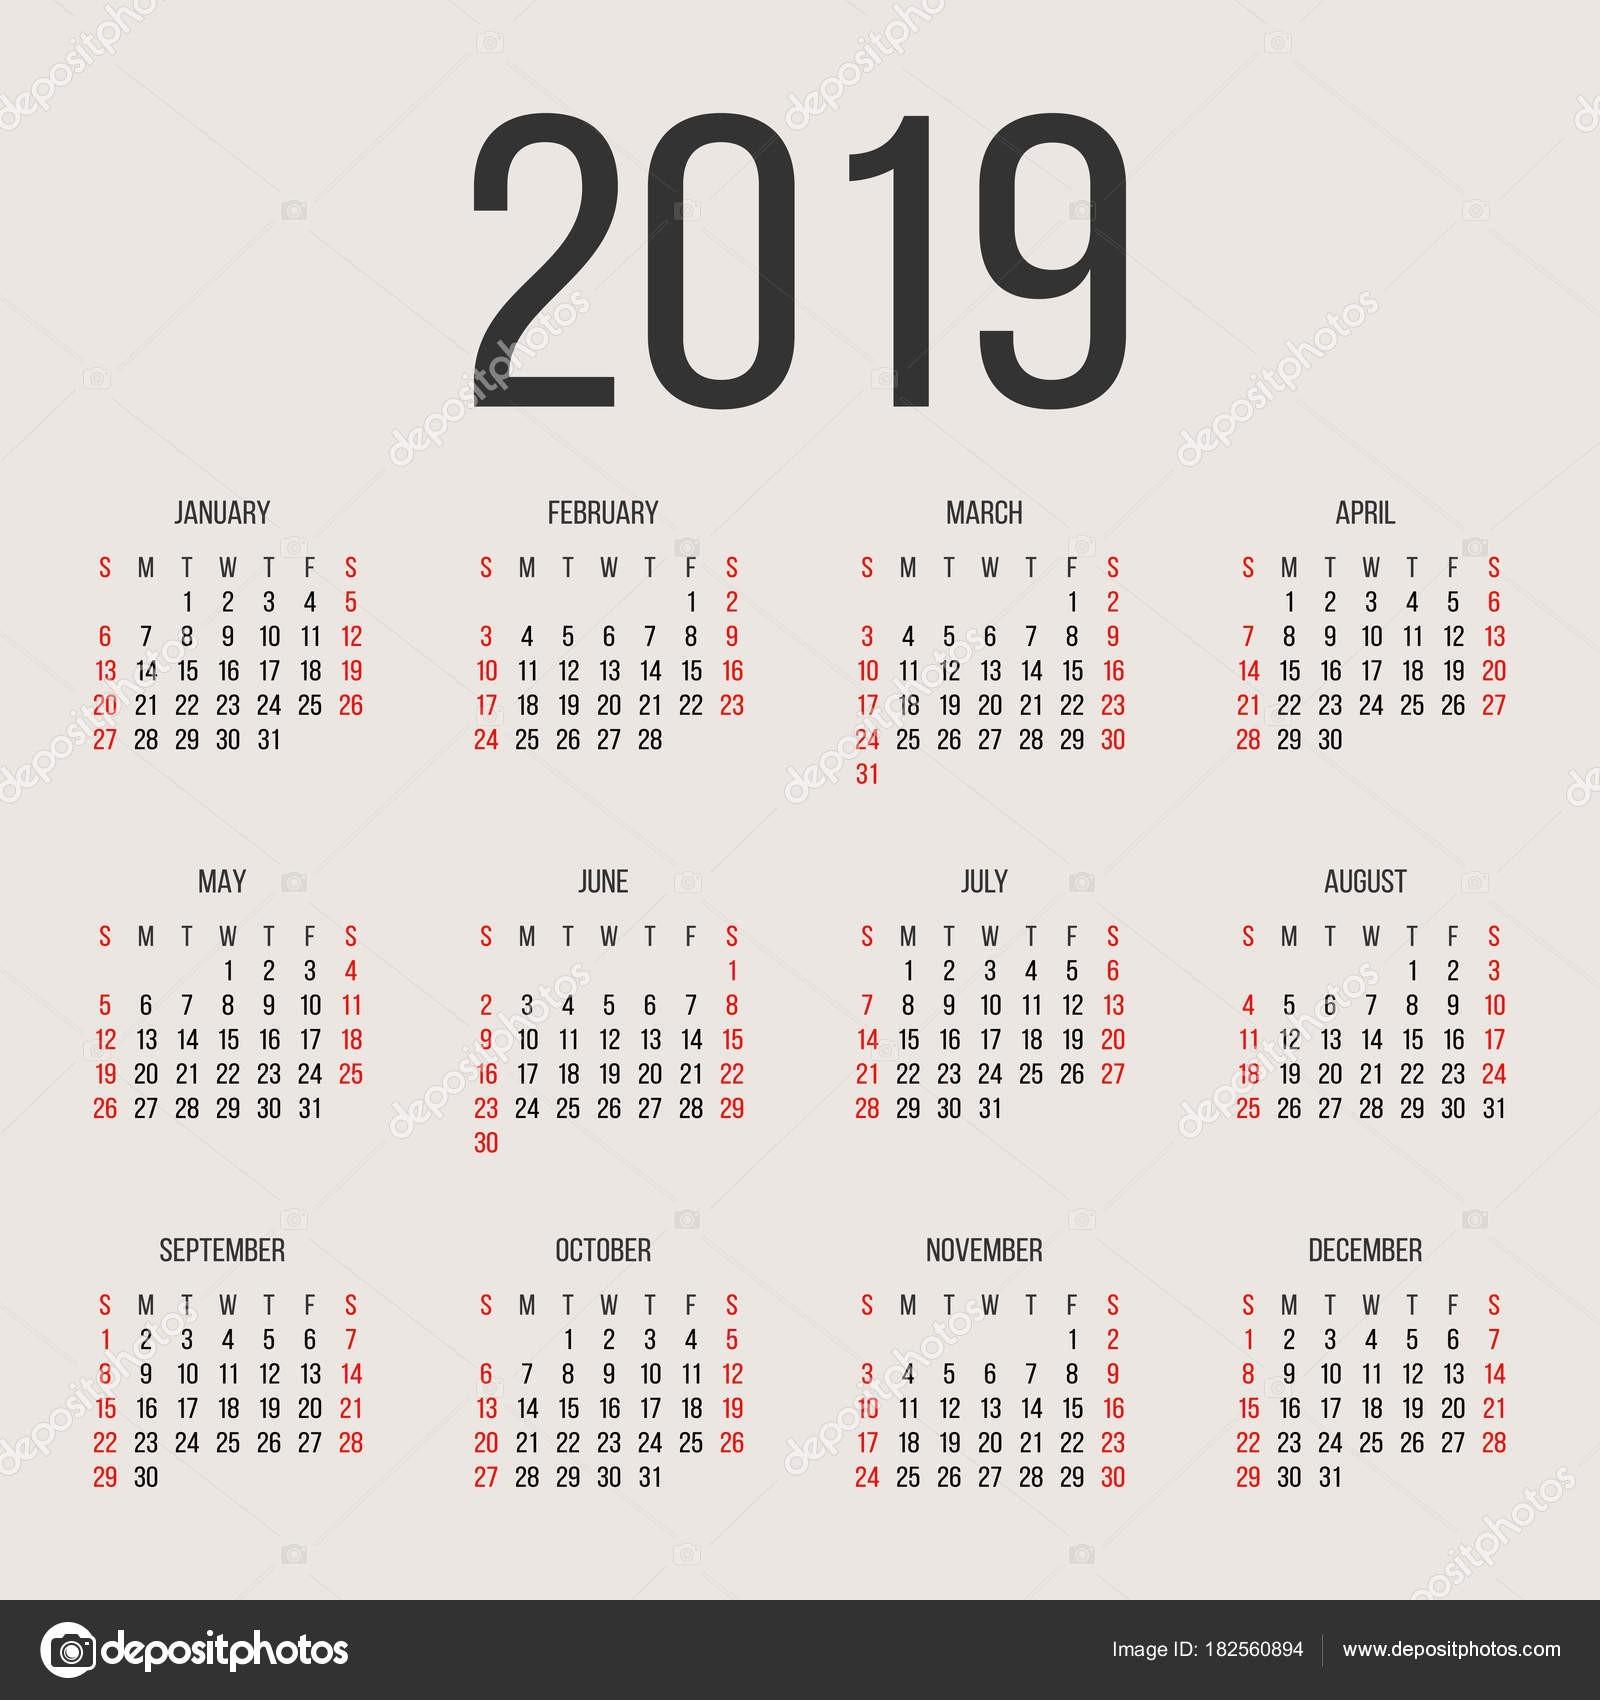 Kalendarzowy 2019 roku wektor szablon projektu Rok kalendarzowy 2019 proste Wektor ko…'o kalendarzowy 2019